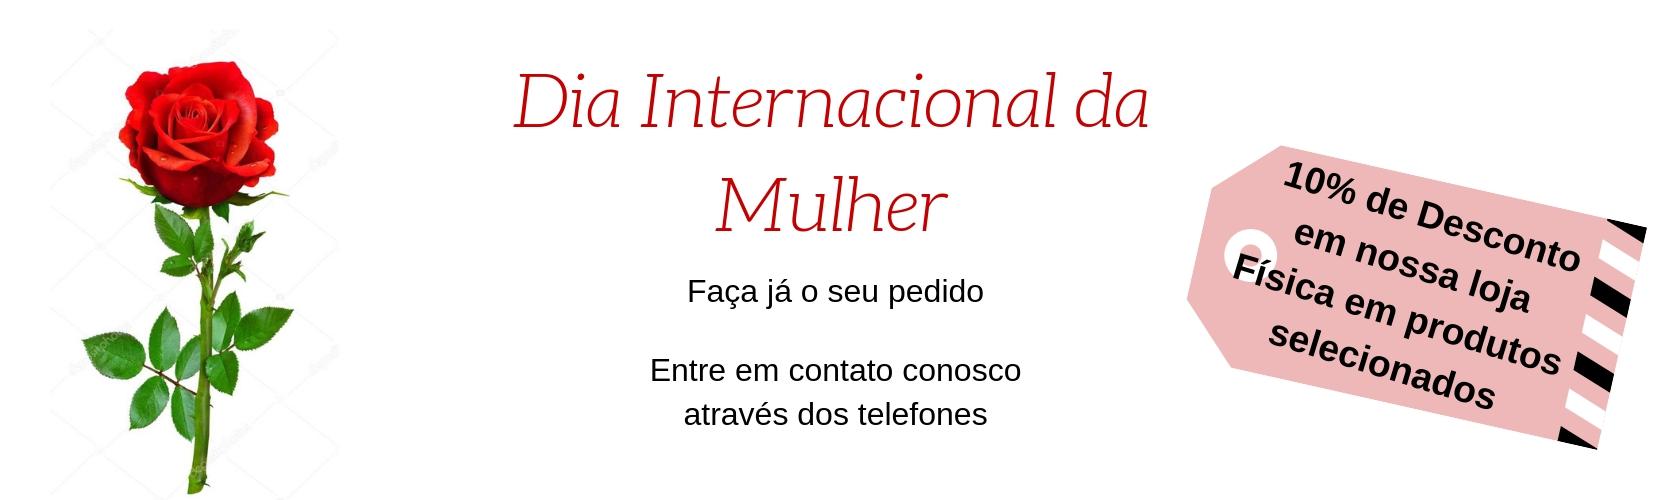 data/banners/dia-internacional-da-mulher.jpg